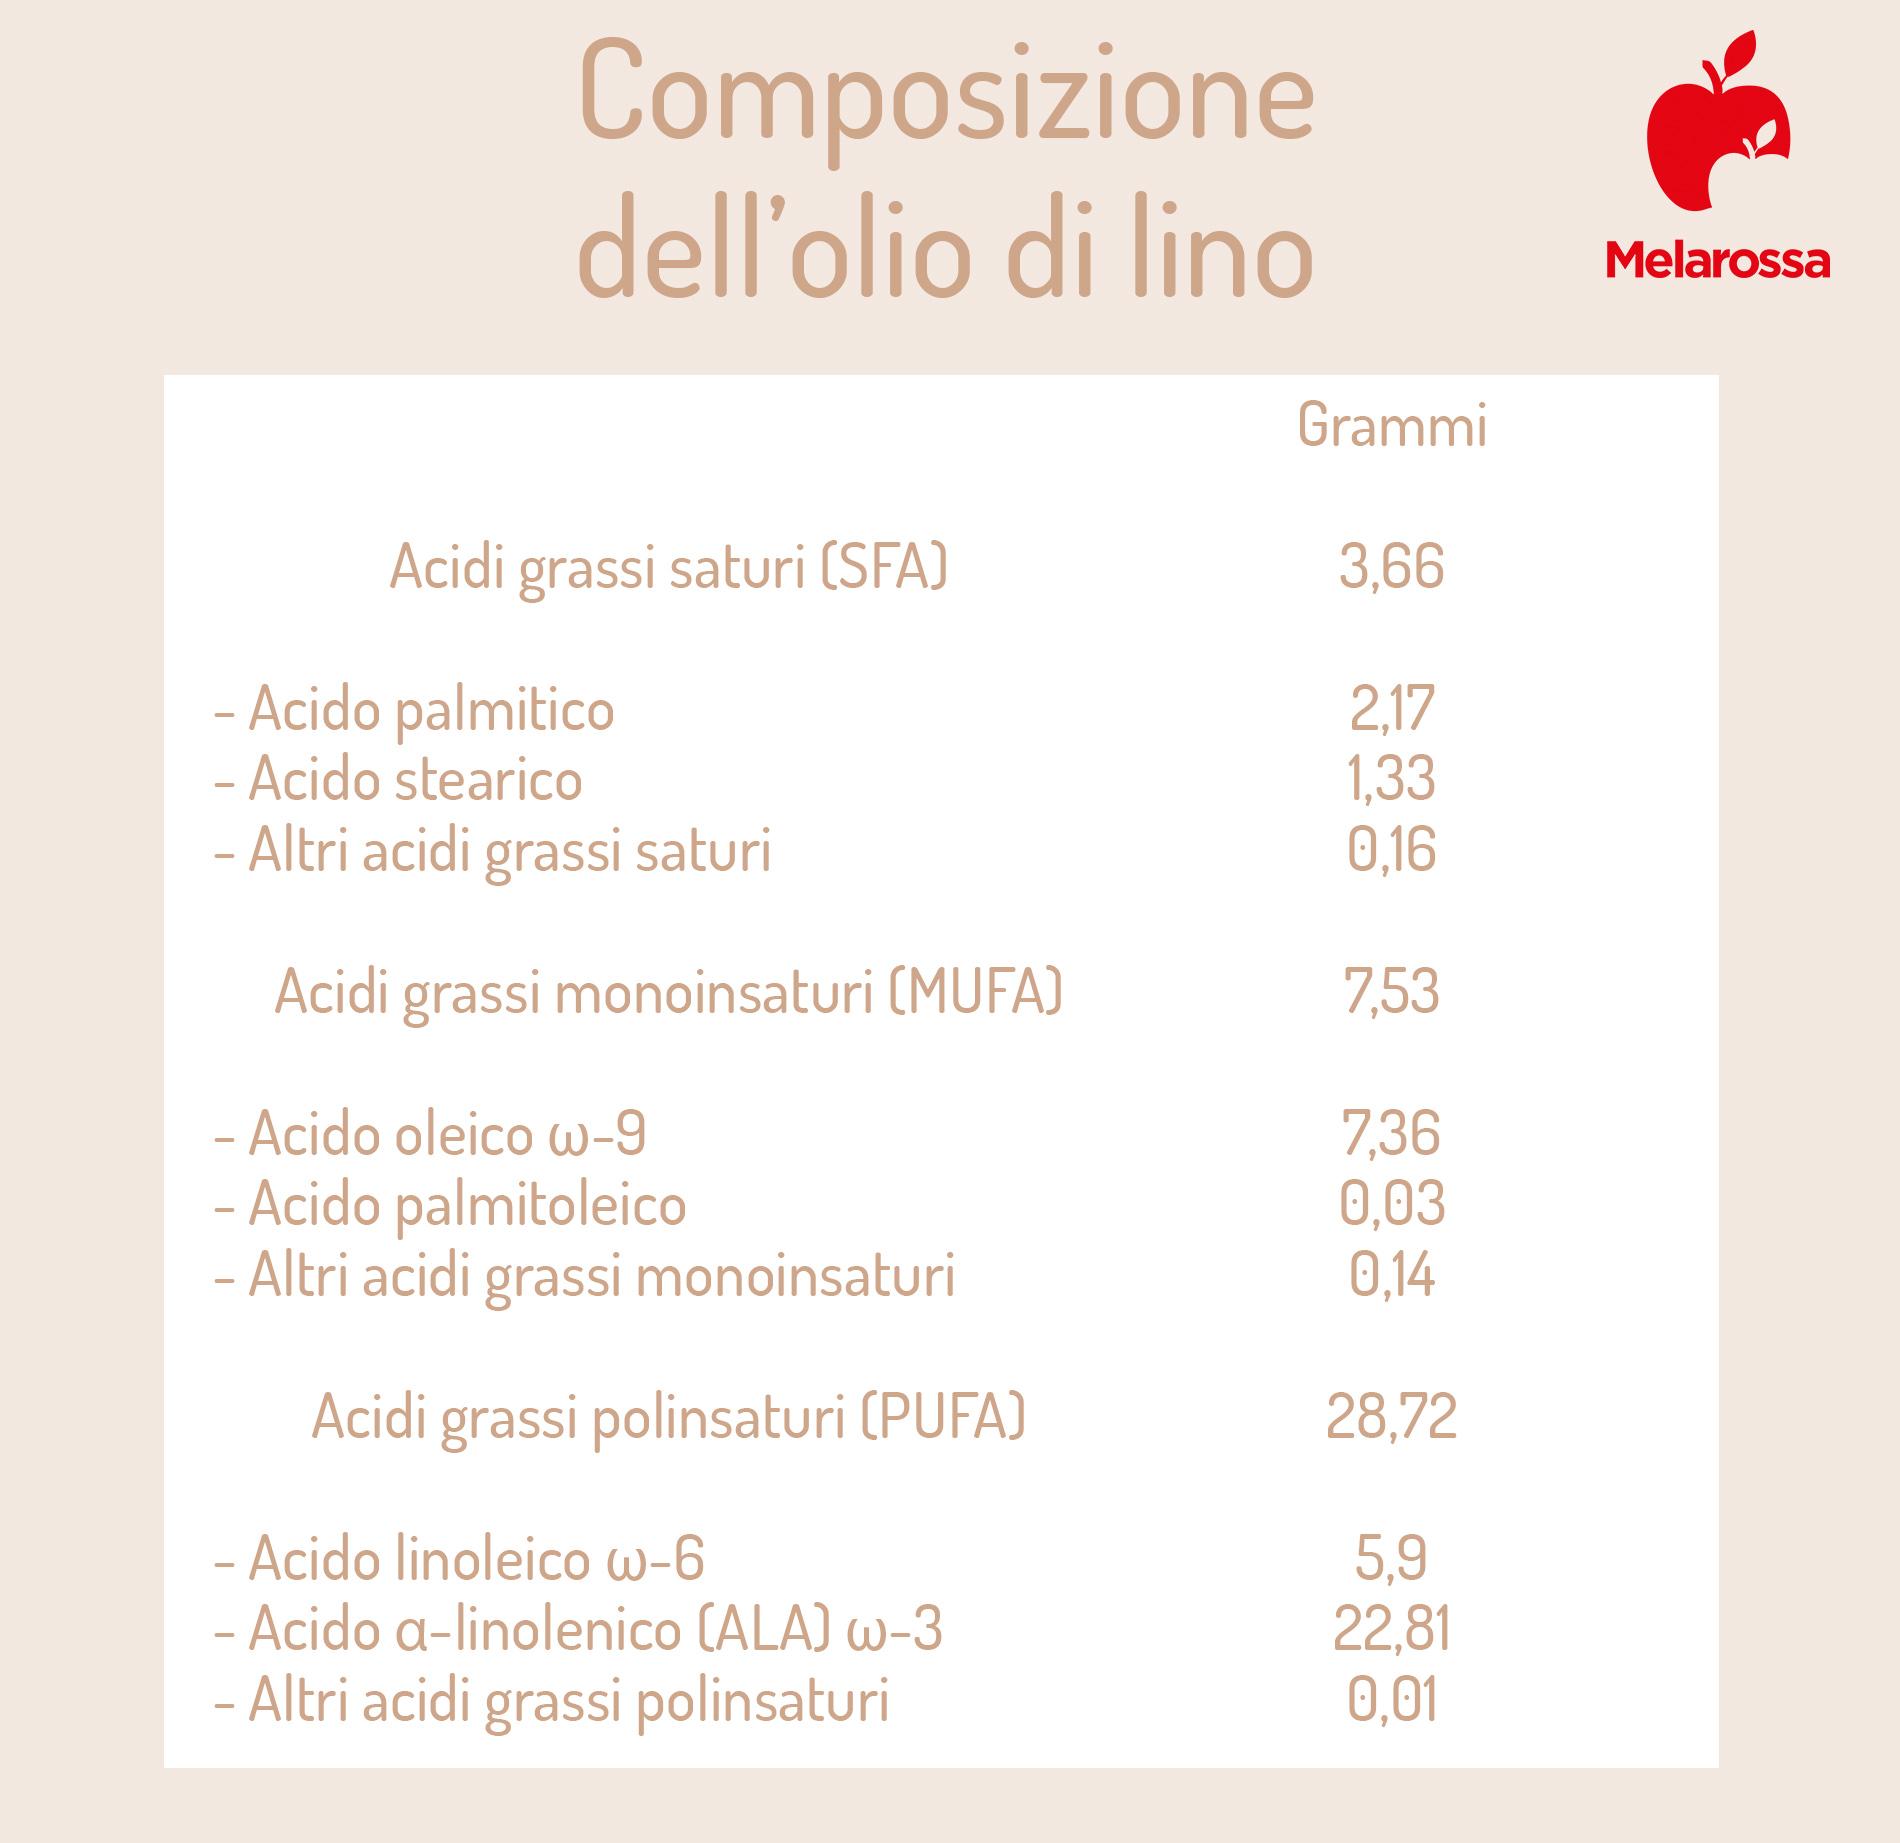 semi di lino: composizione chimica